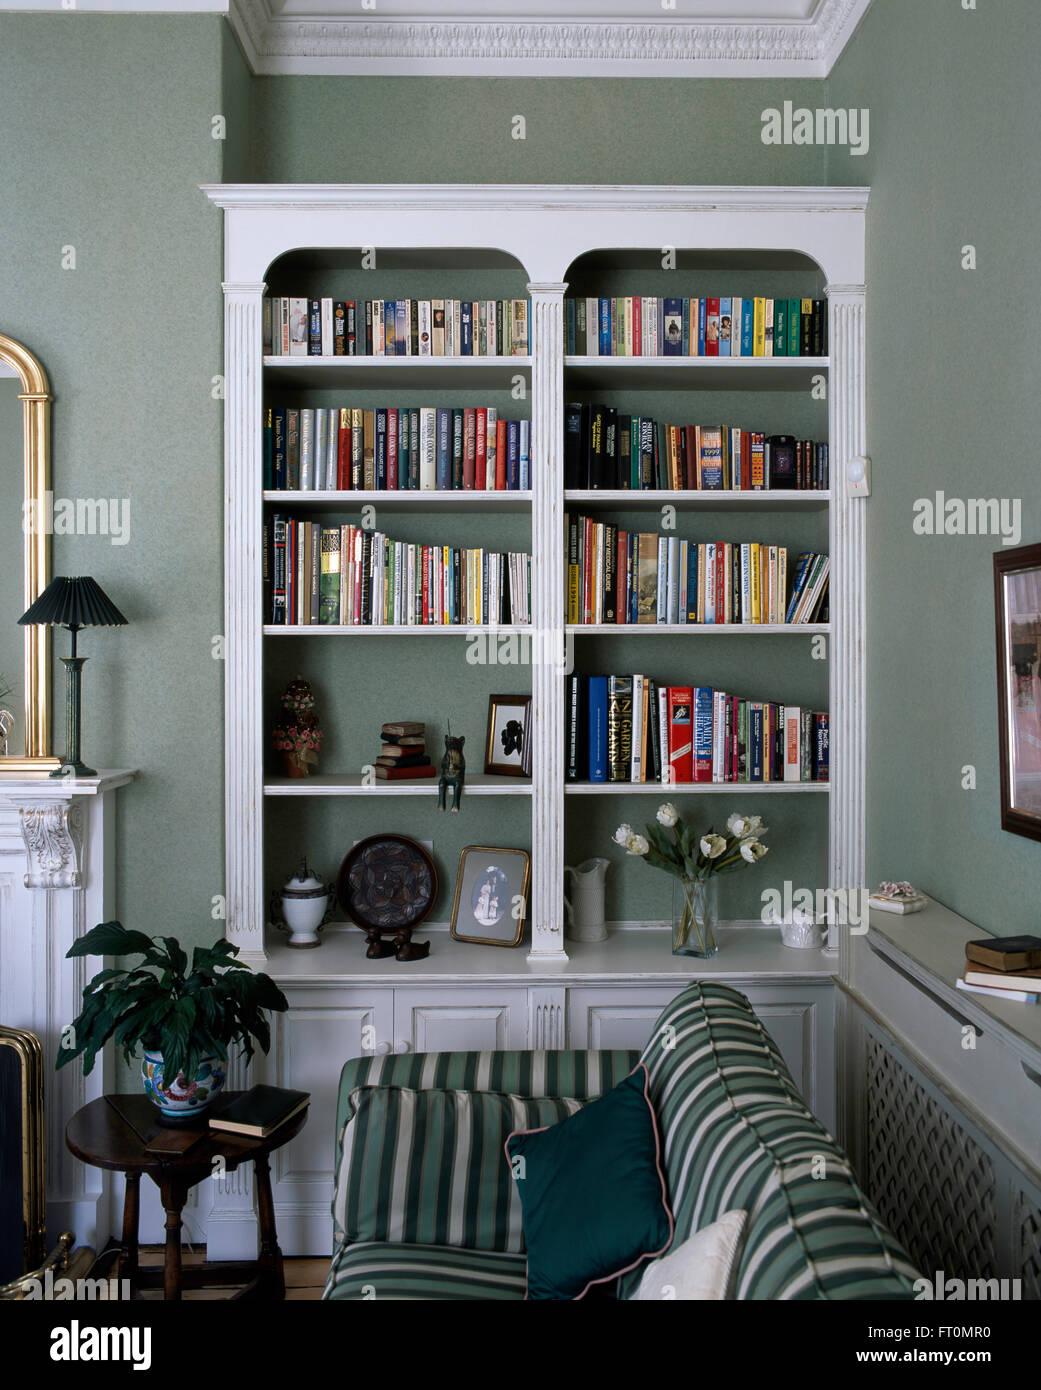 Weiße Bücherregale im Wohnzimmer grau-grün Stockfoto, Bild ...